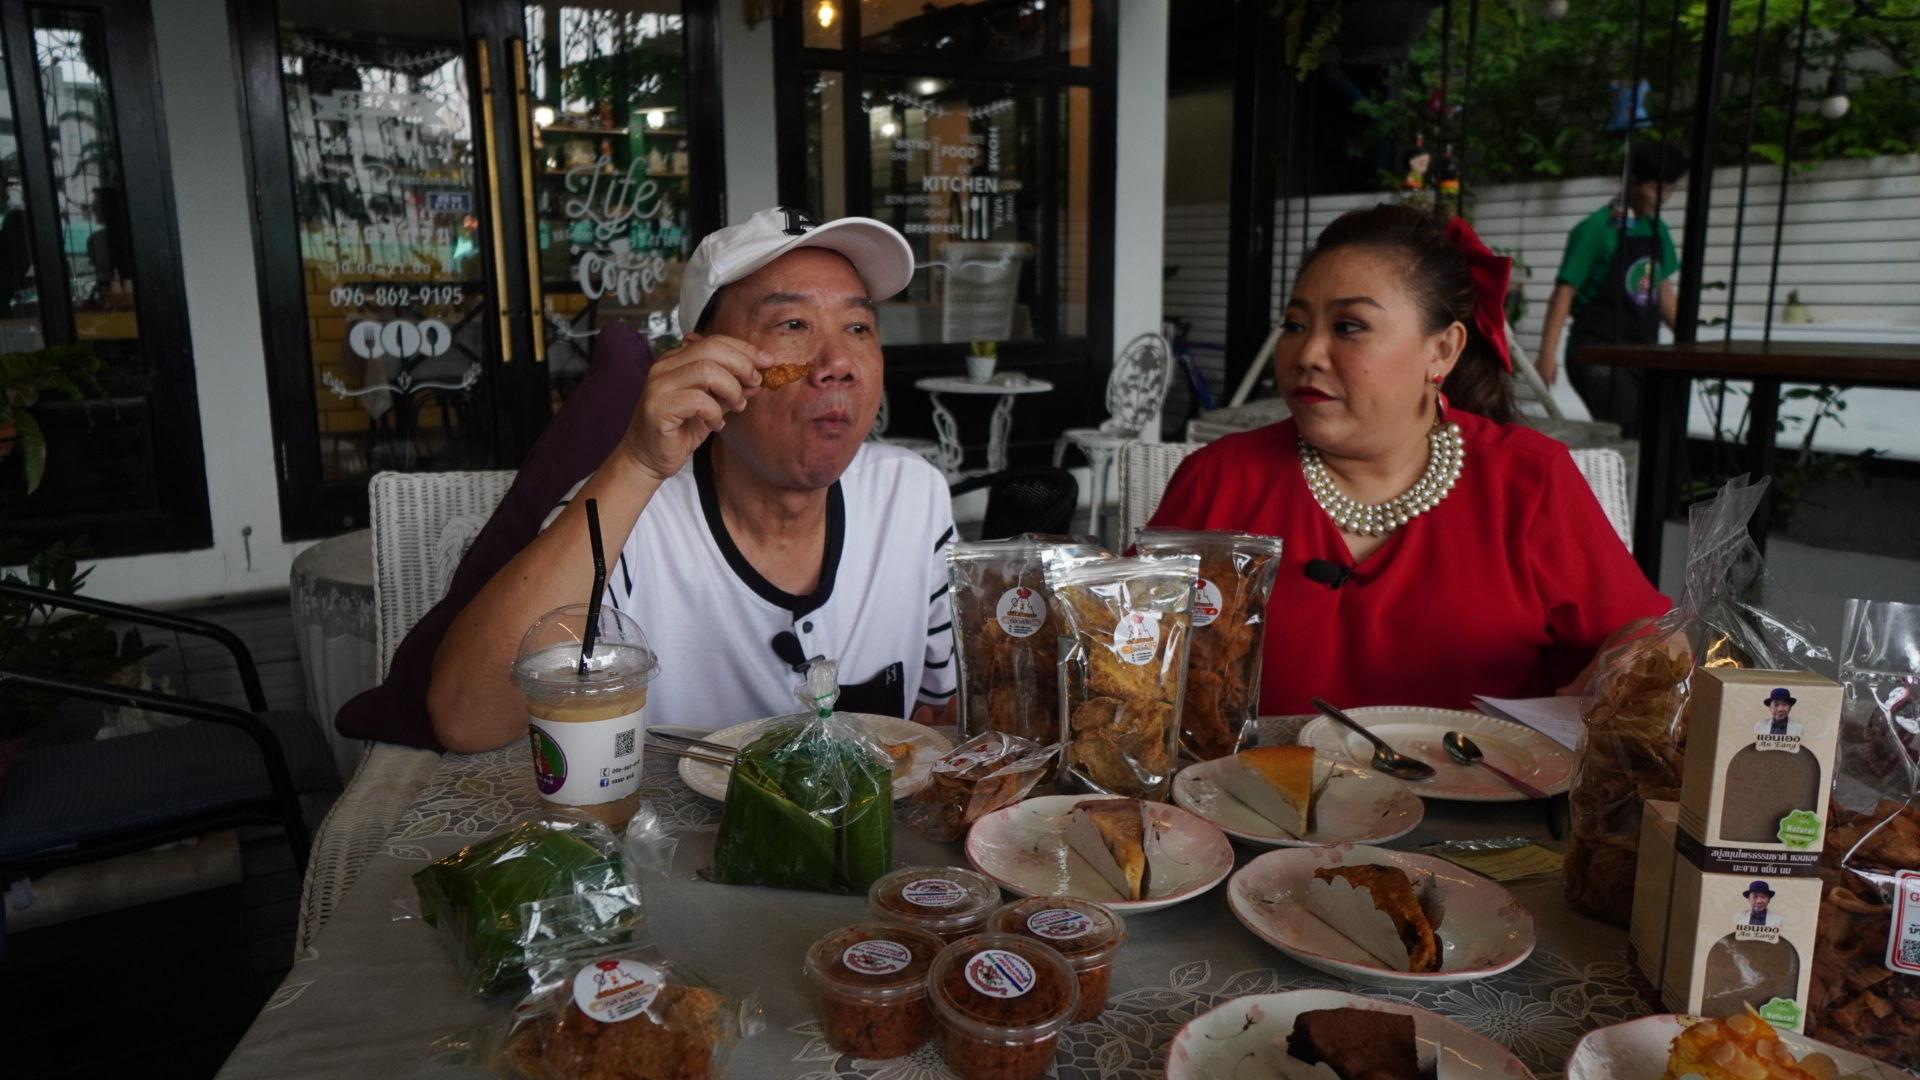 แอนนา ชวนชื่น ชวนชิมเบเกอรี่แสนอร่อย ที่ร้าน 'แอนนาคาเฟ่' | Tadoo